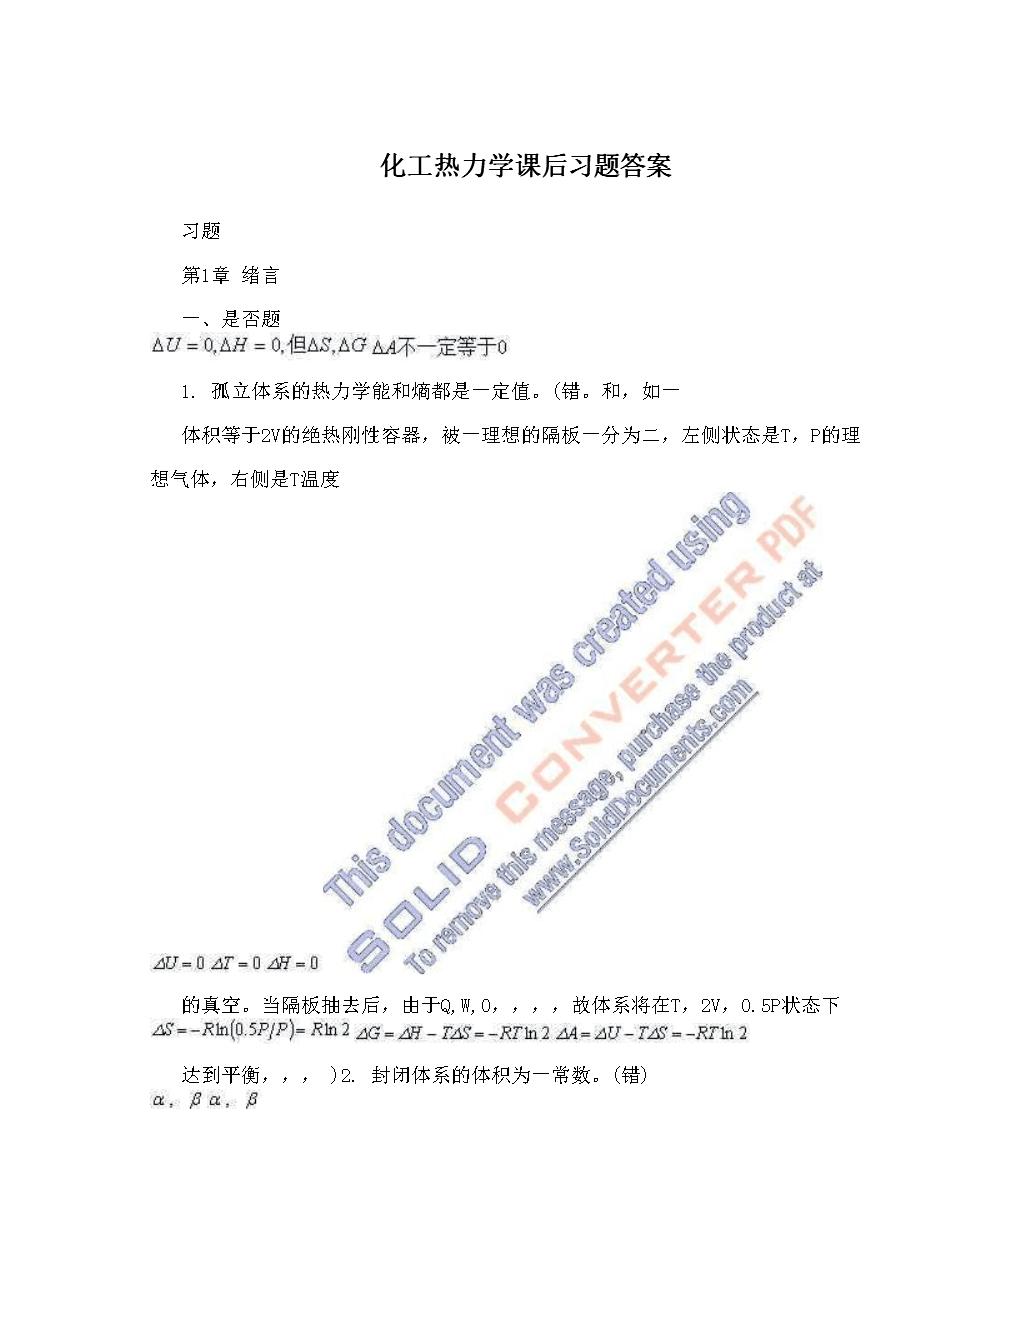 化工热力学课后习题答案解析.doc